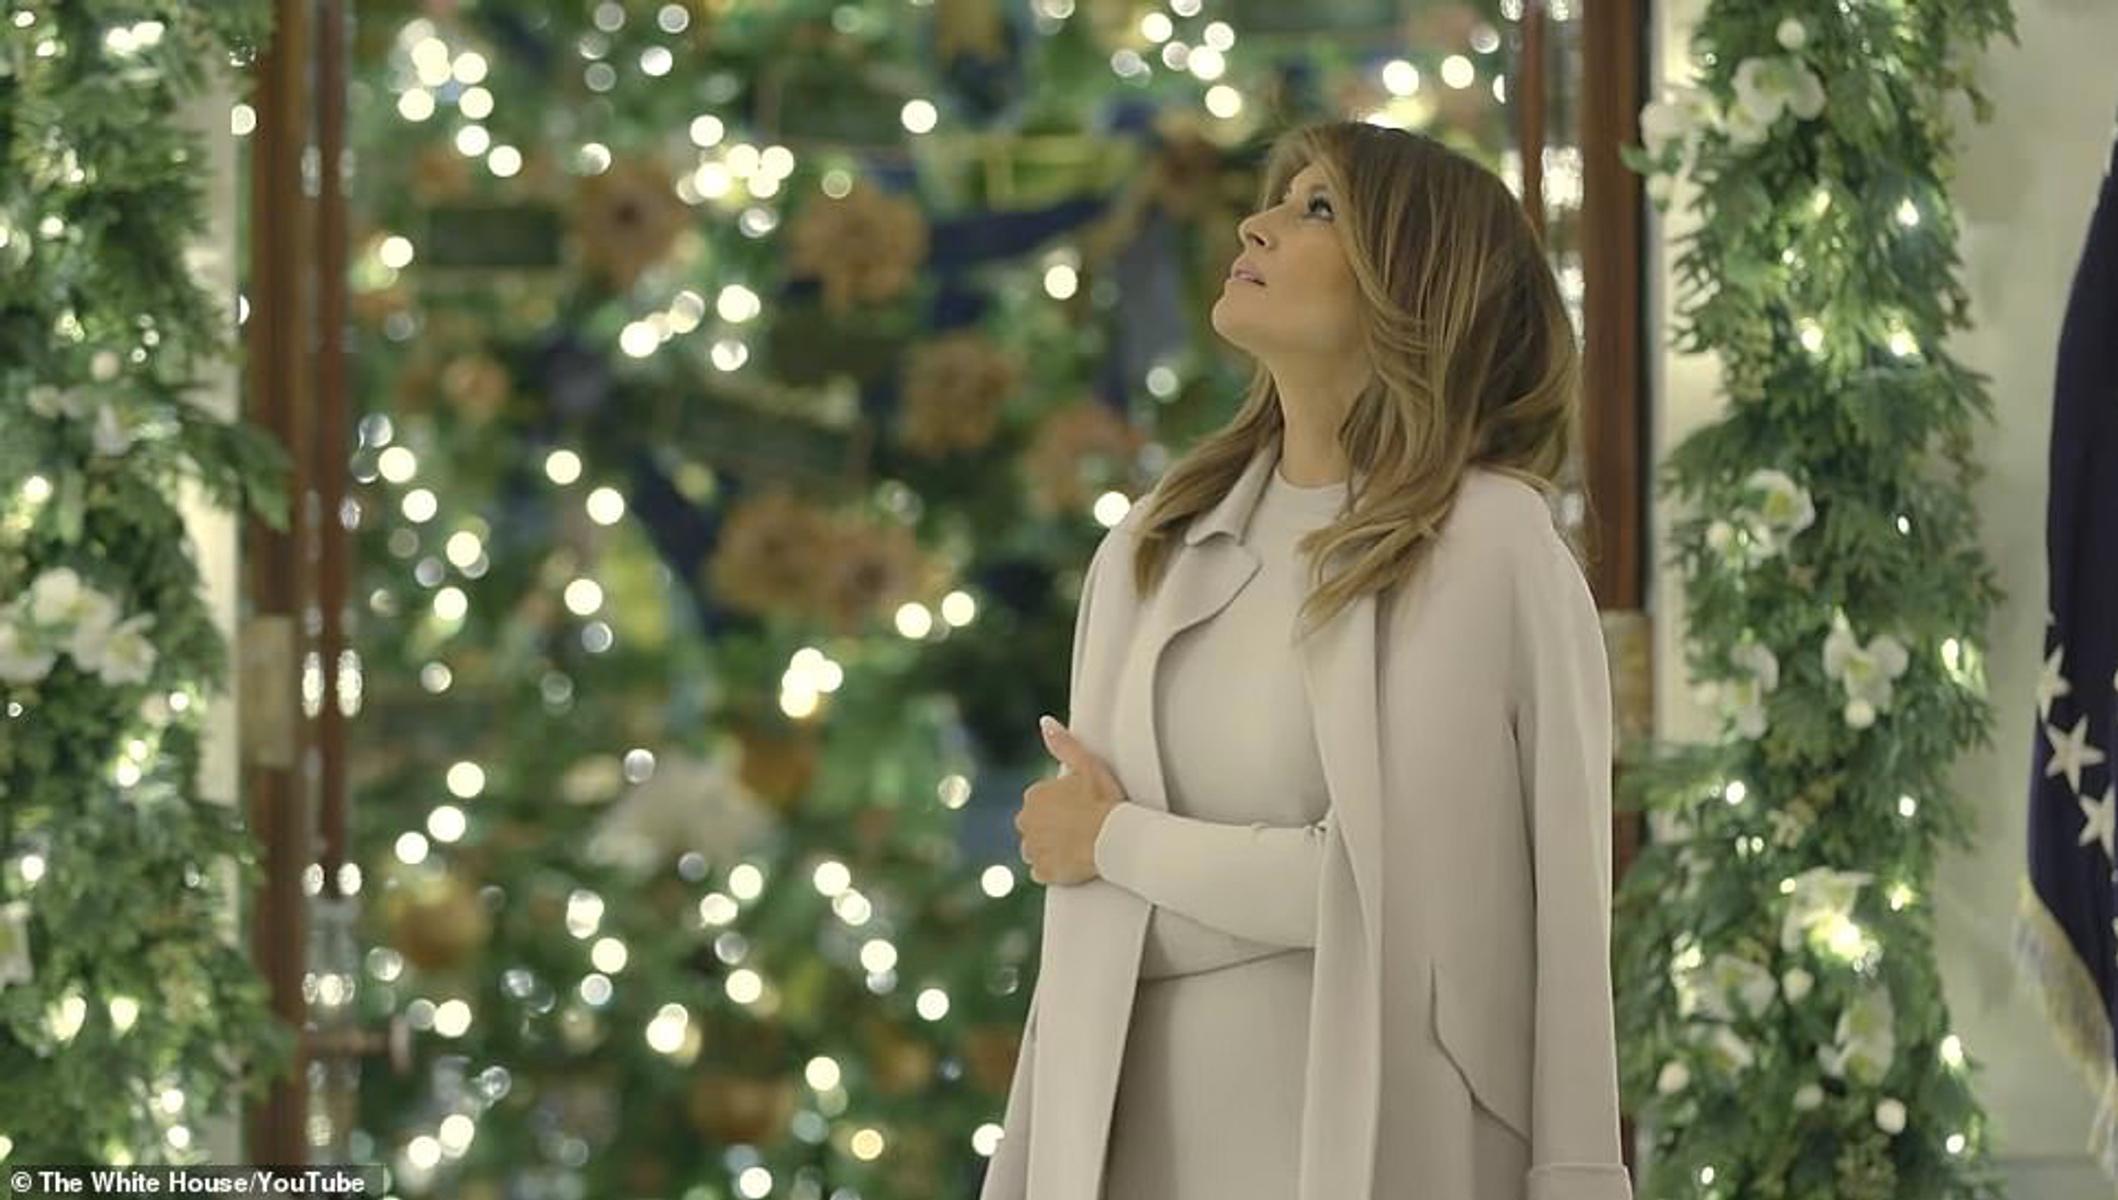 Πυρετώδεις προετοιμασίες στον Λευκό Οίκο για τον χριστουγεννιάτικο στολισμό παρά το… ξενέρωμα της Μελάνια Τραμπ